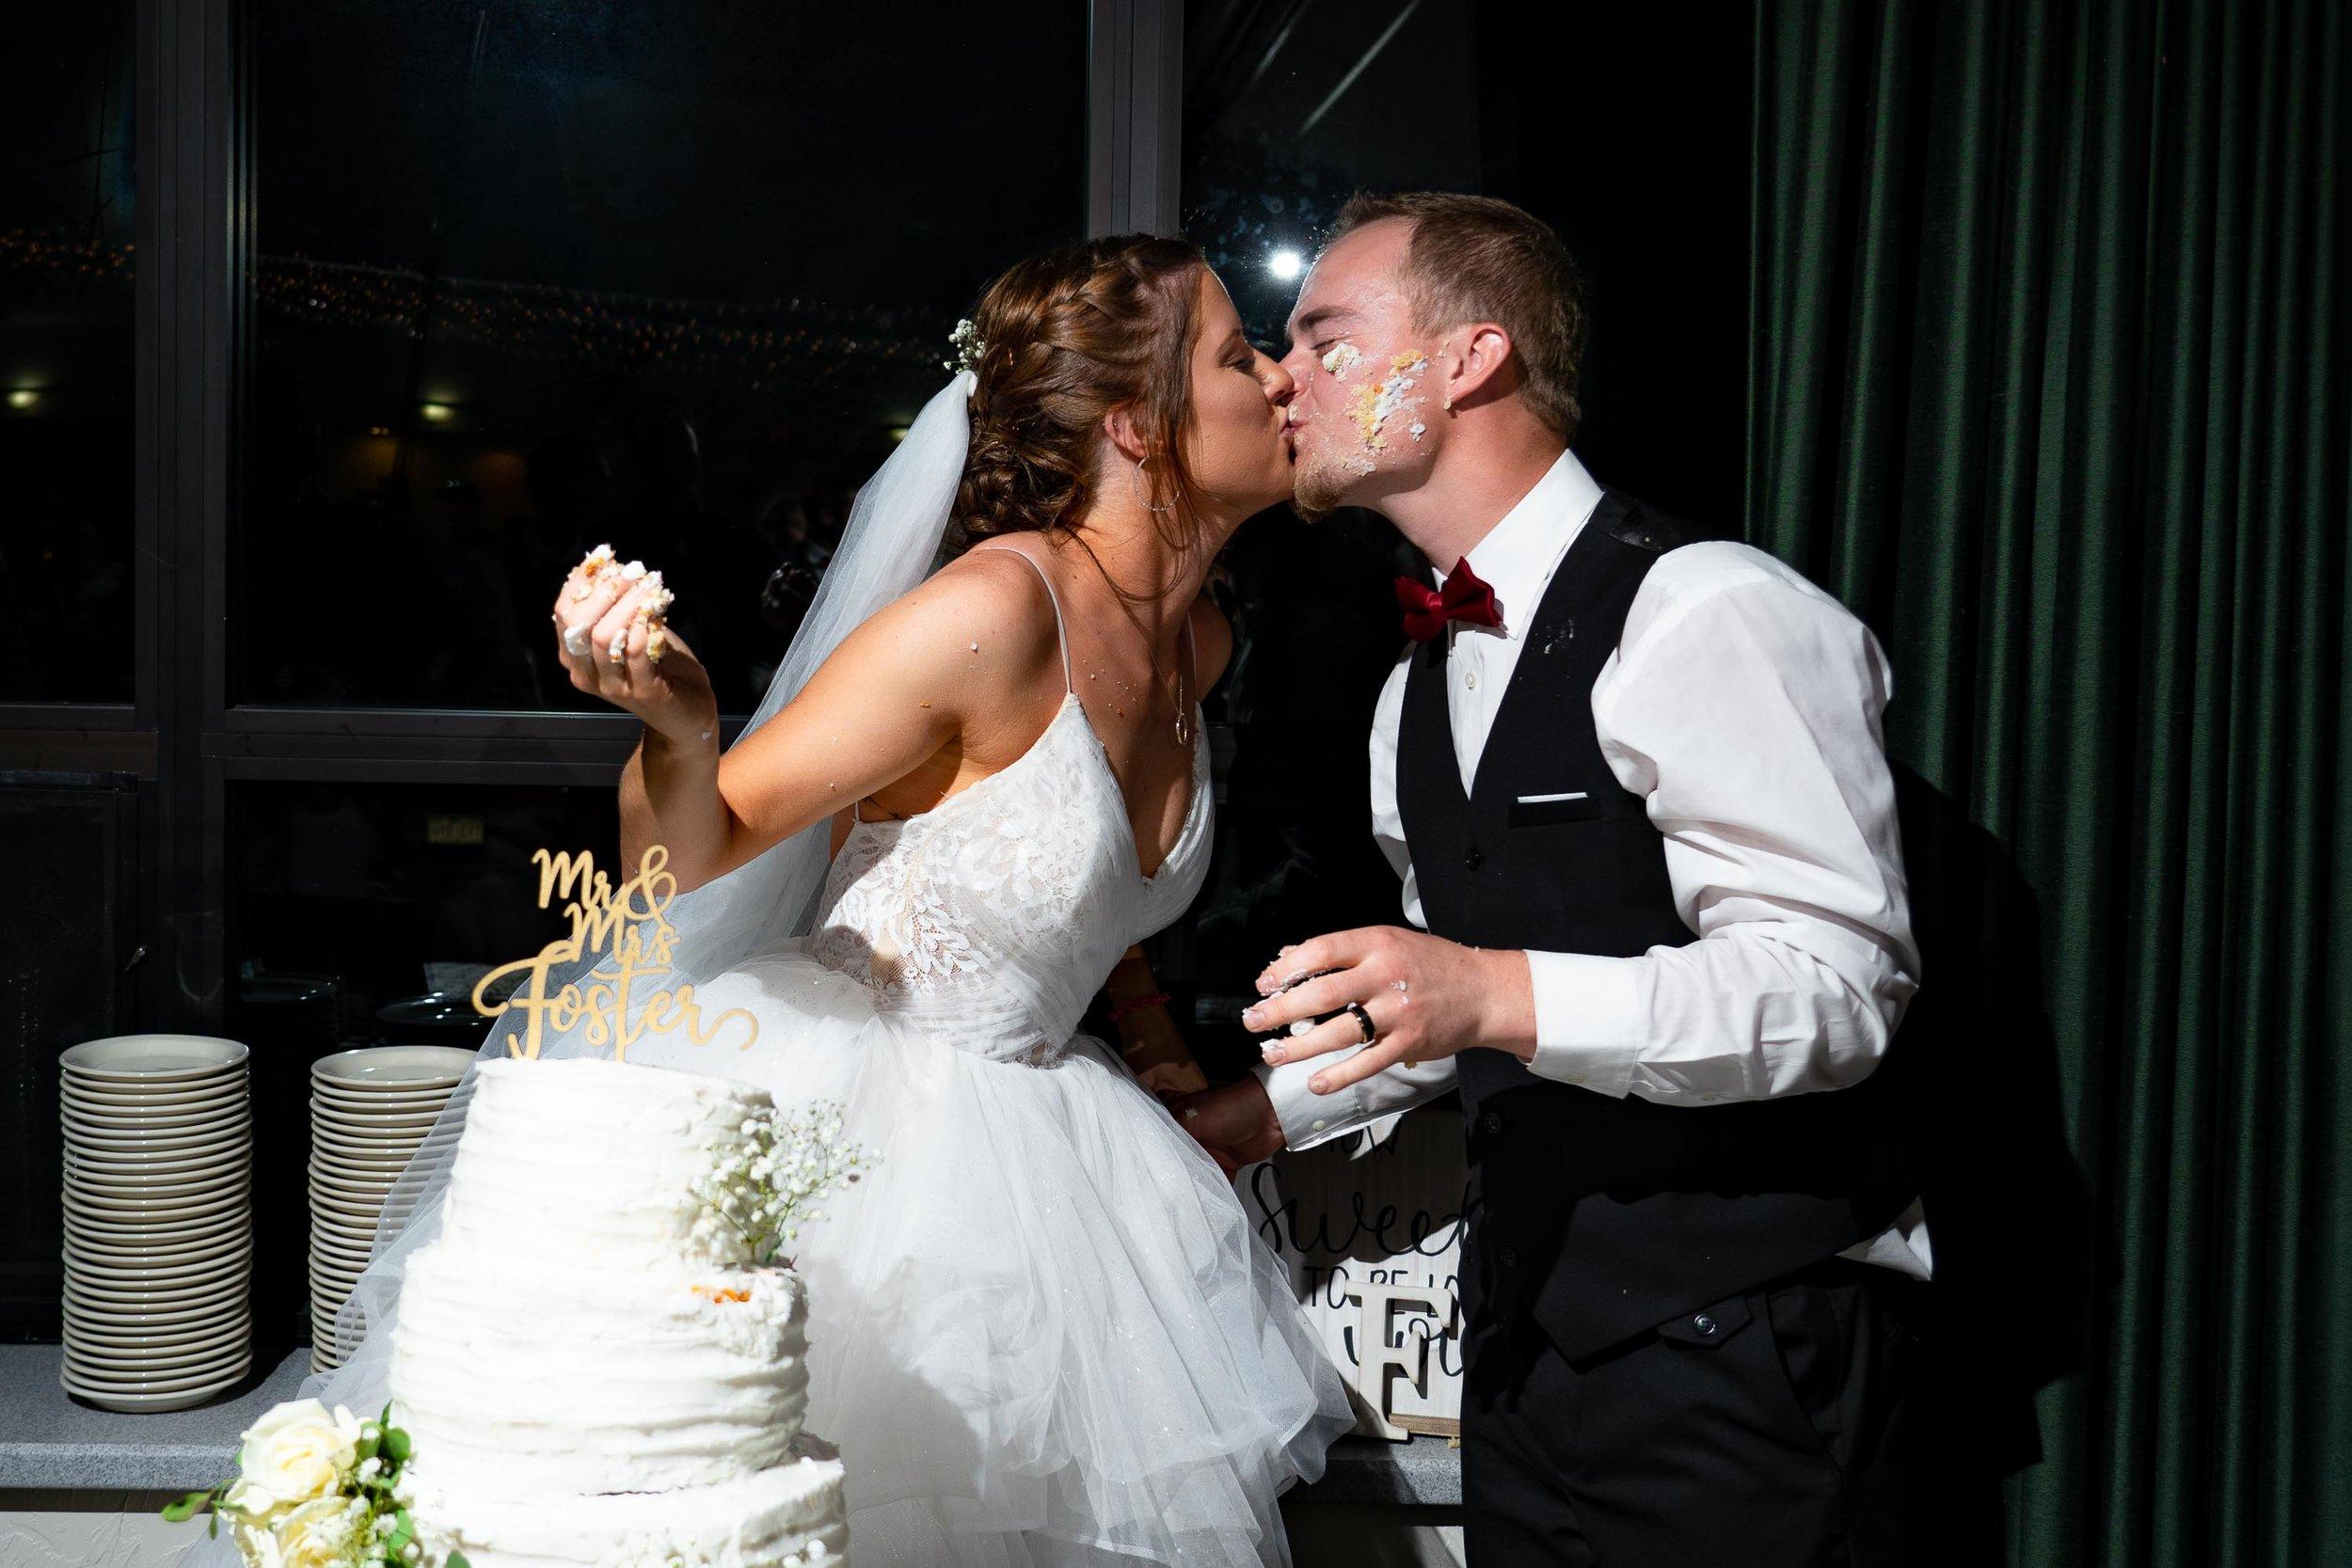 Kelsie_Nick_Ouray_Wedding-261-3.jpg